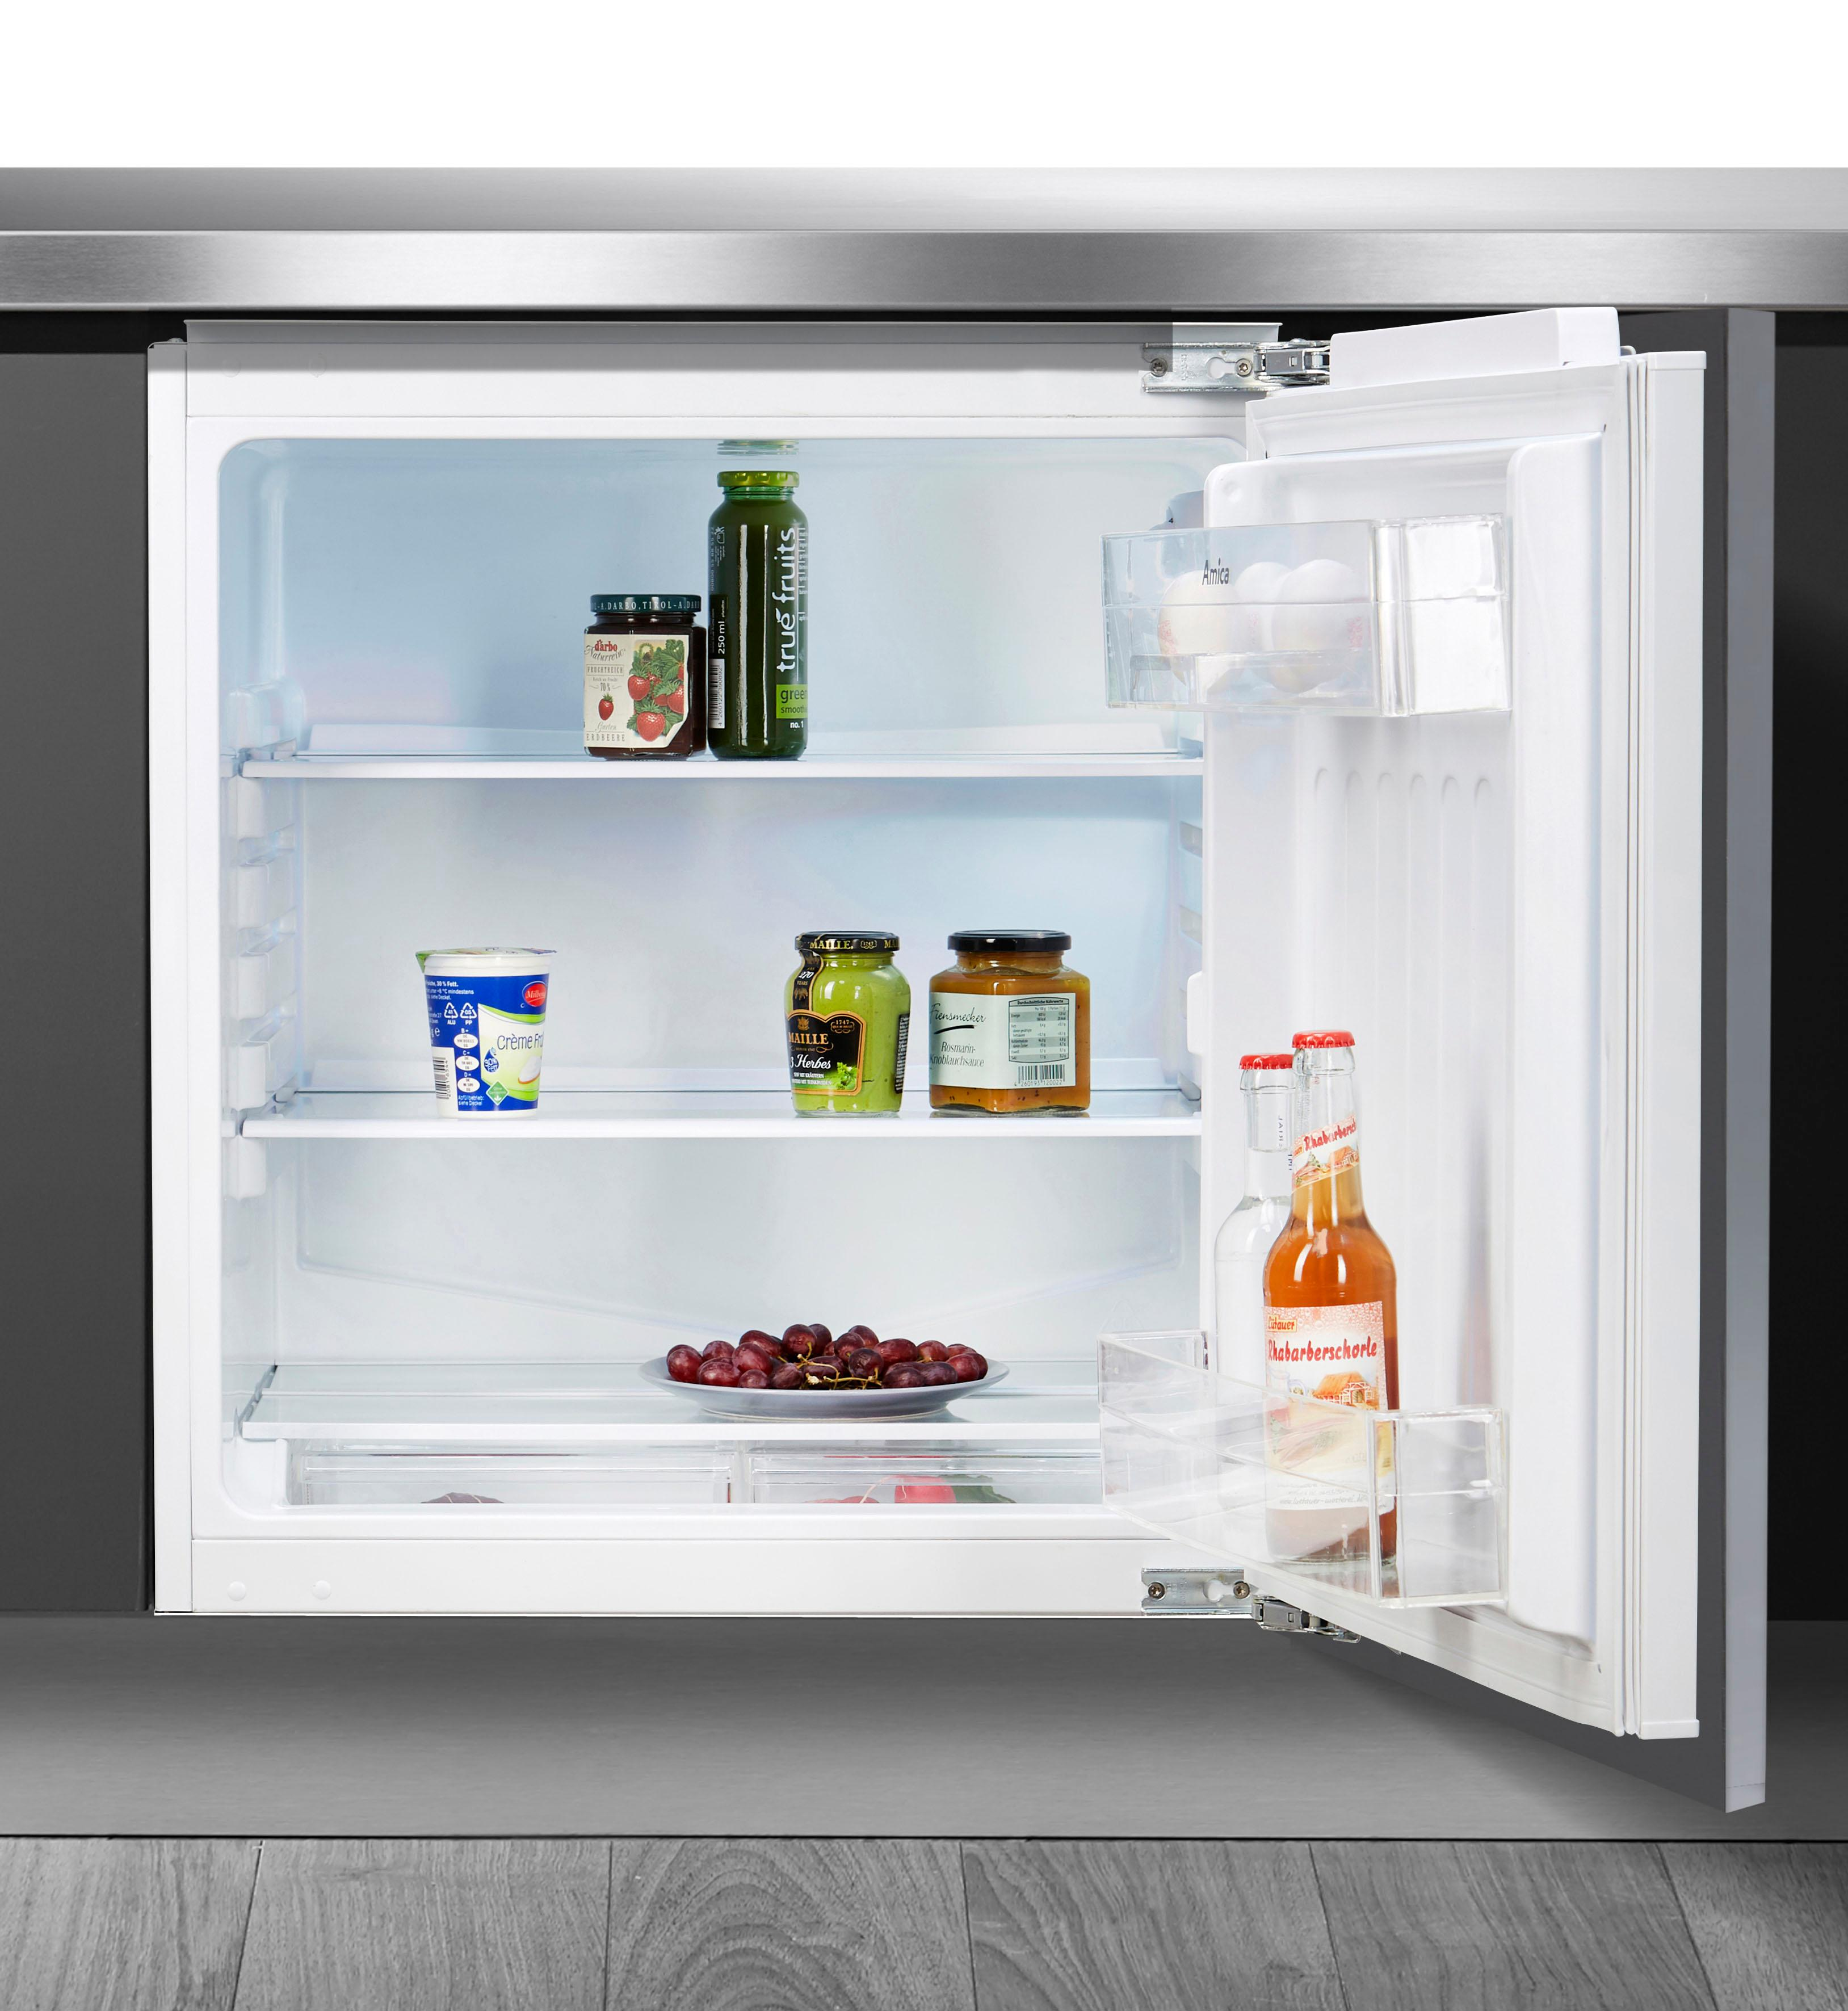 Amica Einbaukühlschrank, 81, 8 cm hoch, 60 cm breit | Küche und Esszimmer > Küchenelektrogeräte > Kühlschränke | Weiß | AMICA